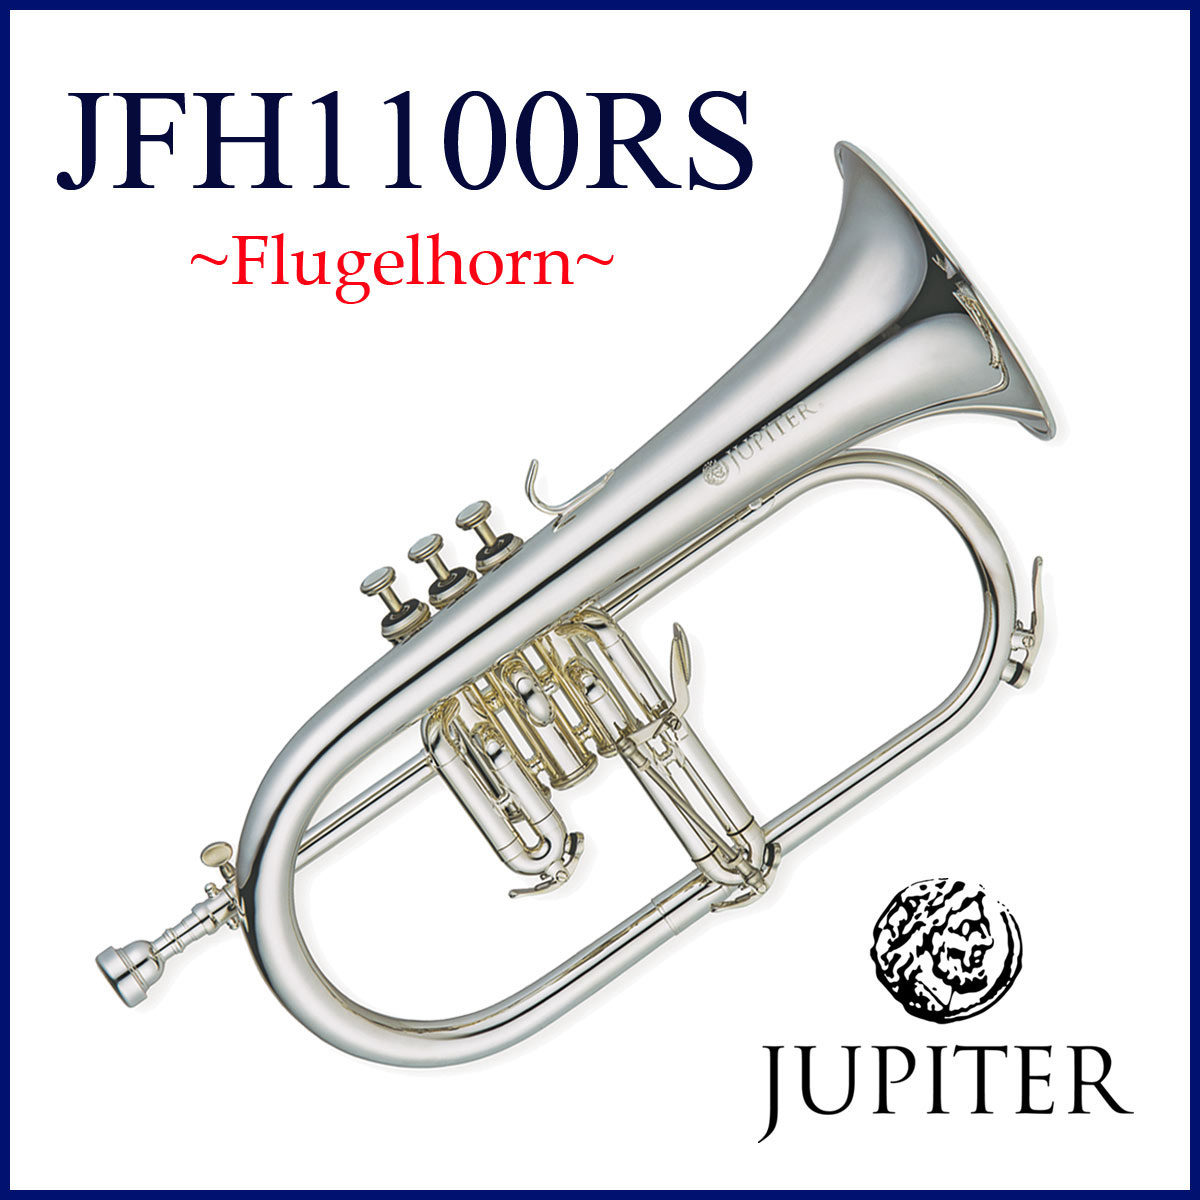 台湾製 総合管楽器メーカー 驚きの価格が実現 JUPITER JFH-1100RS ジュピターフリューゲルホルン お見舞い シルバーメッキ仕上げ《お取り寄せ》 ローズブラスベル